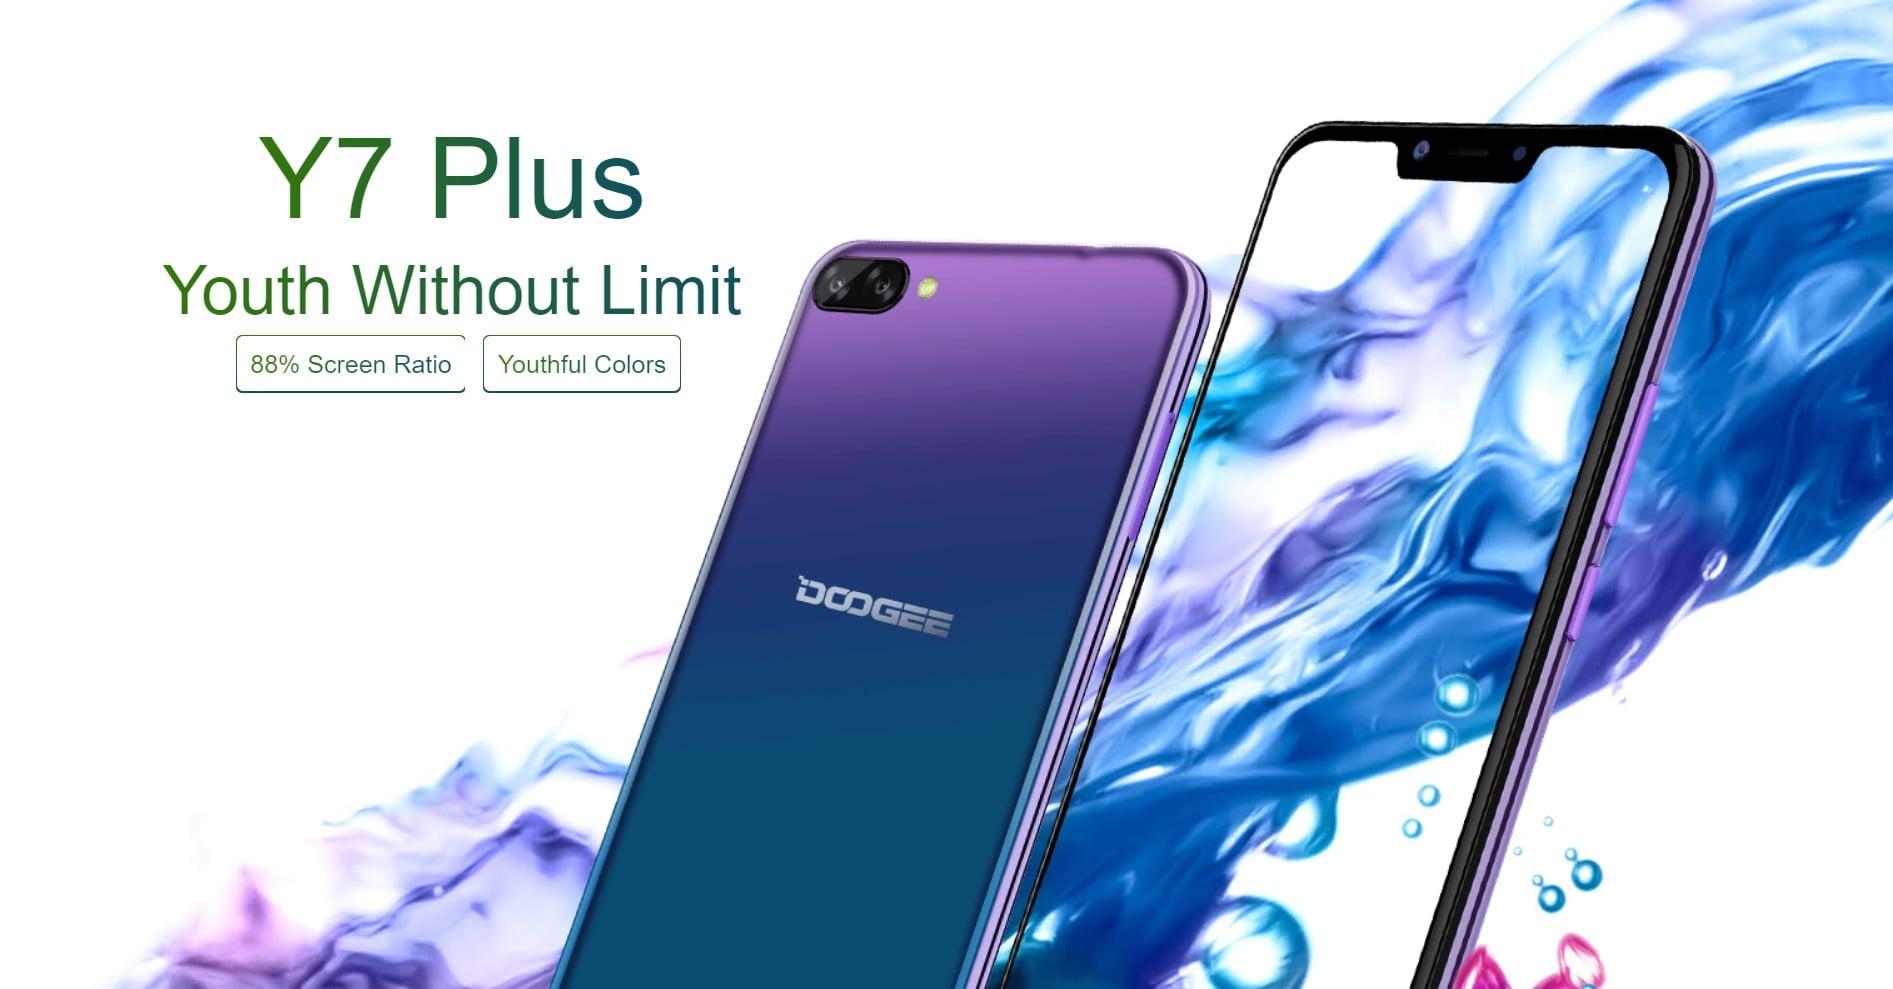 Chińczycy skopiowali Chińczyków - Doogee Y7 Plus jest inspirowany Huawei P20, ale w dobrym tego słowa znaczeniu 26